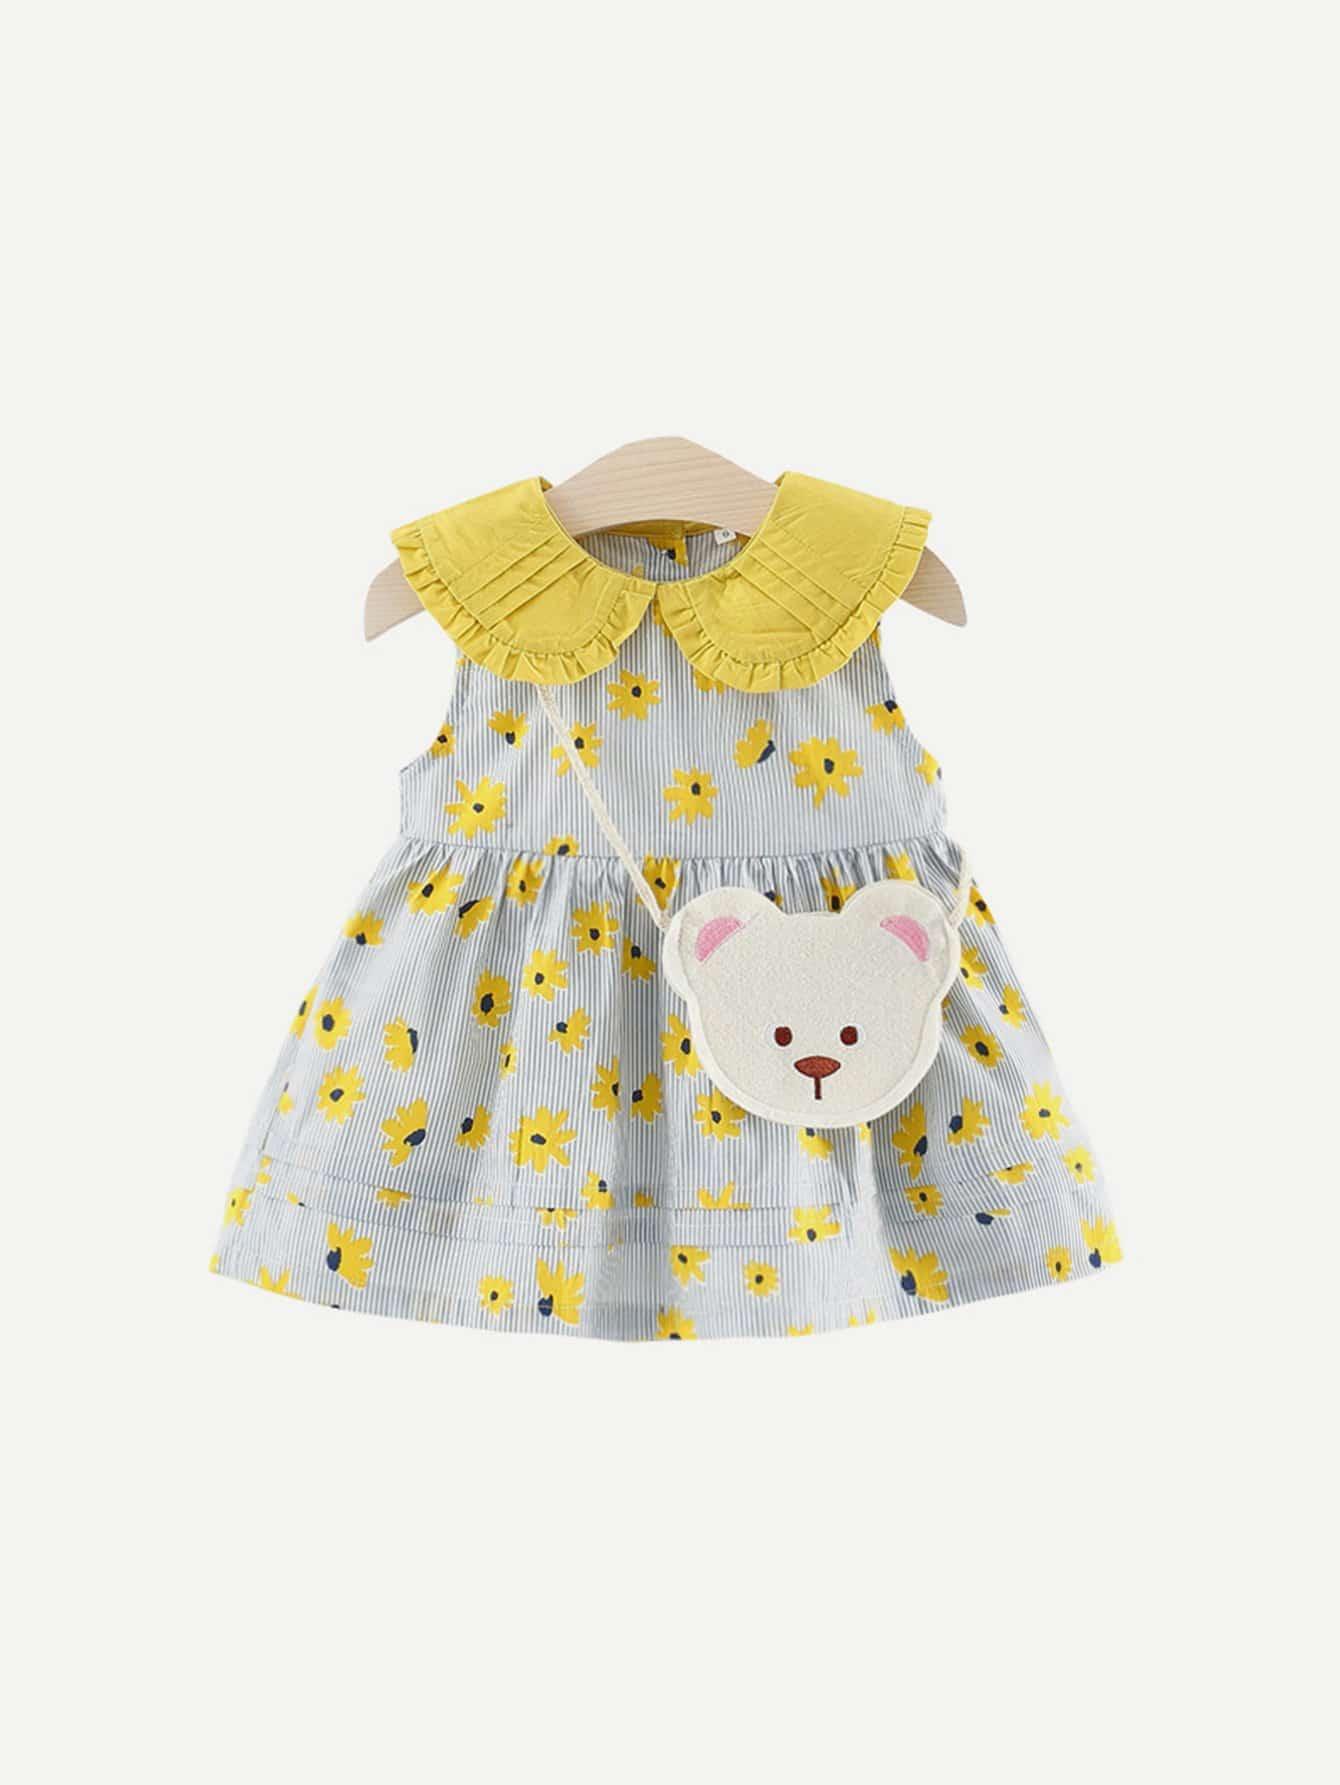 Купить Полосатое платье с ситцевыми оборками для девочки, null, SheIn